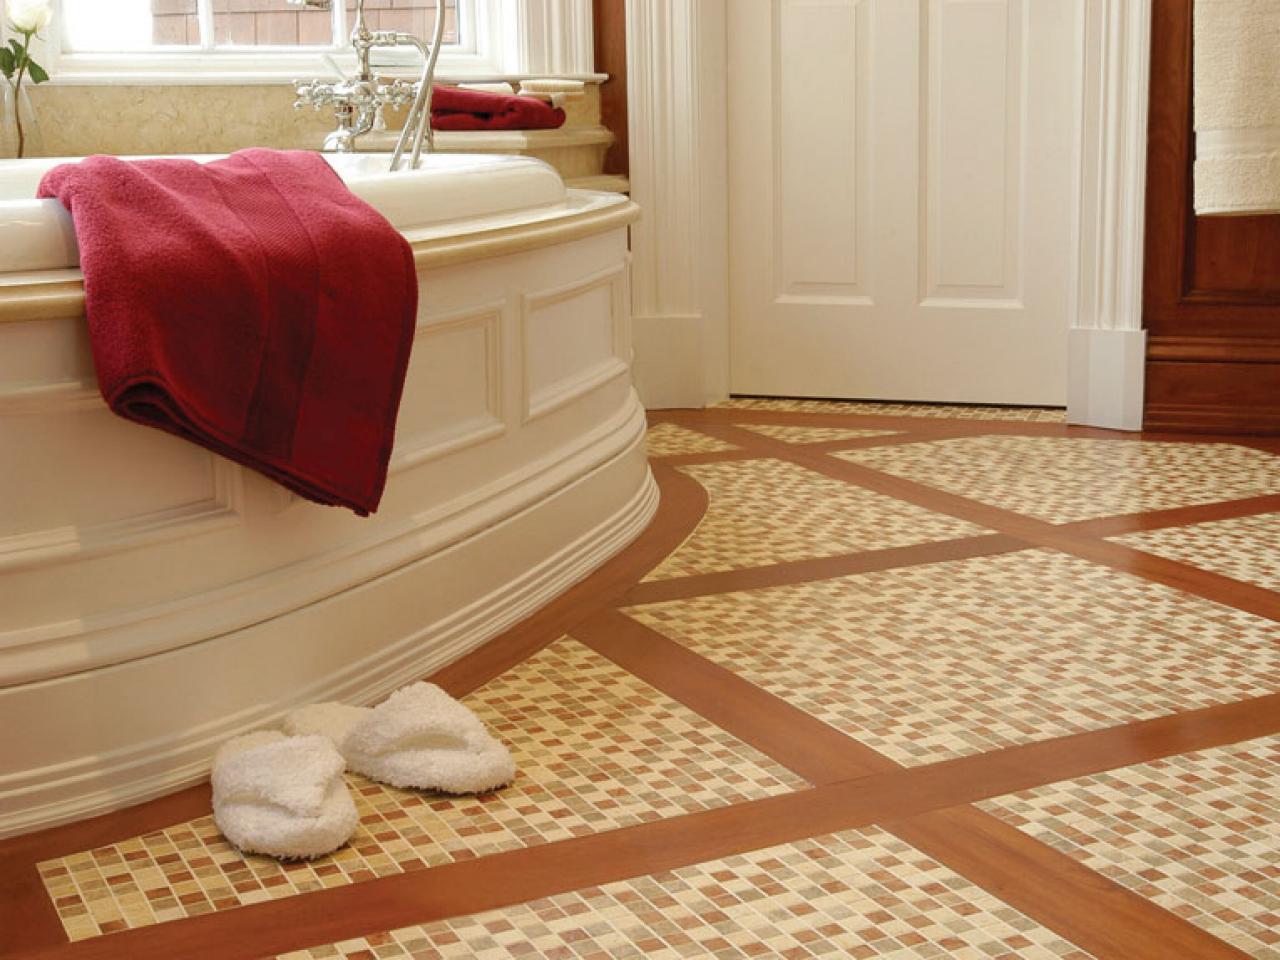 SP0243_tub-and-floor_s4x3.jpg.rend.hgtvcom.1280.960